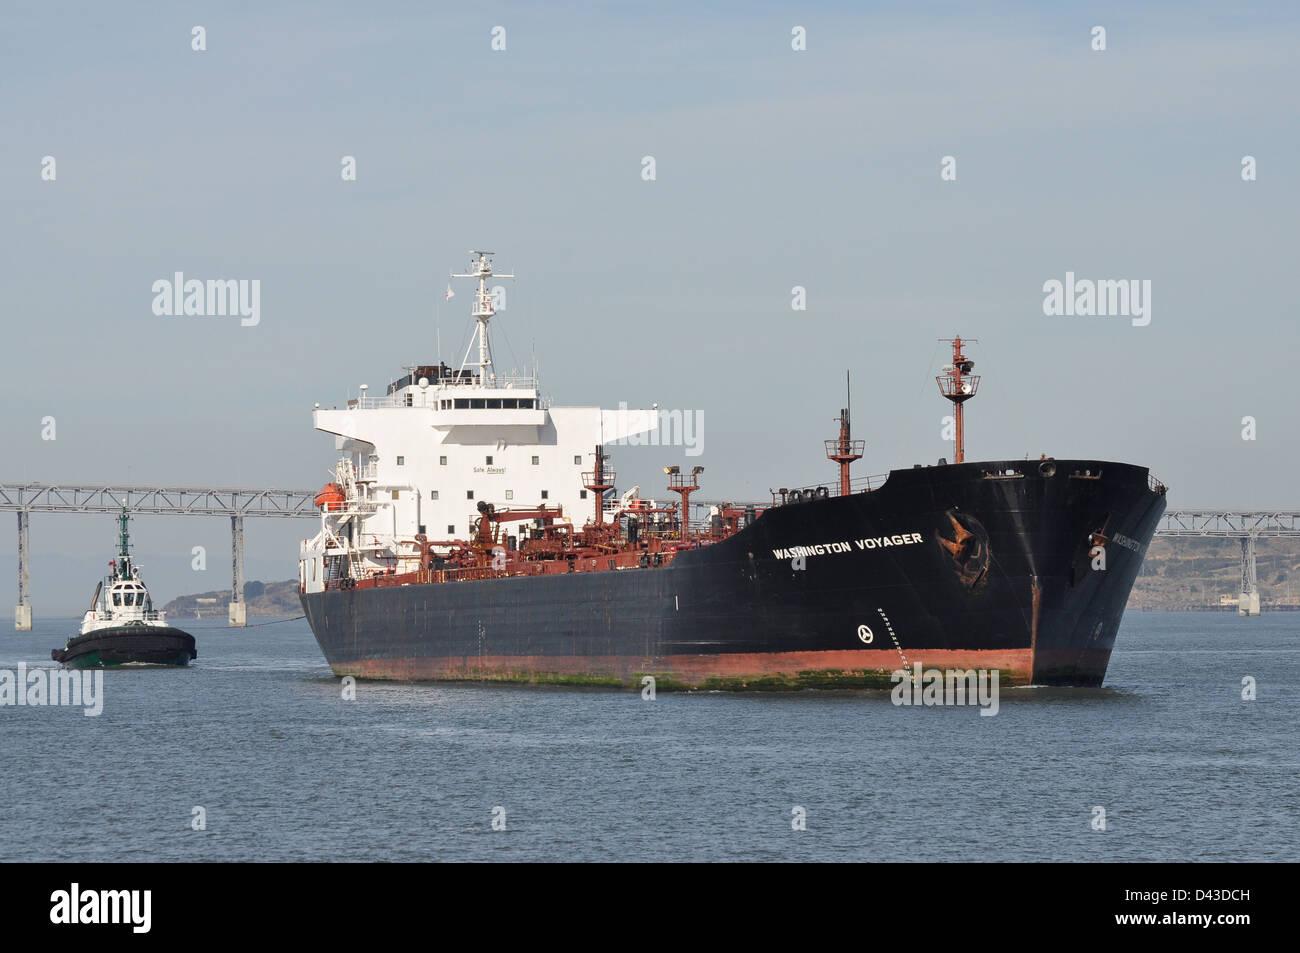 Un grand pétrolier quitte san francisco sous le pont de Richmond-San Rafael. Banque D'Images